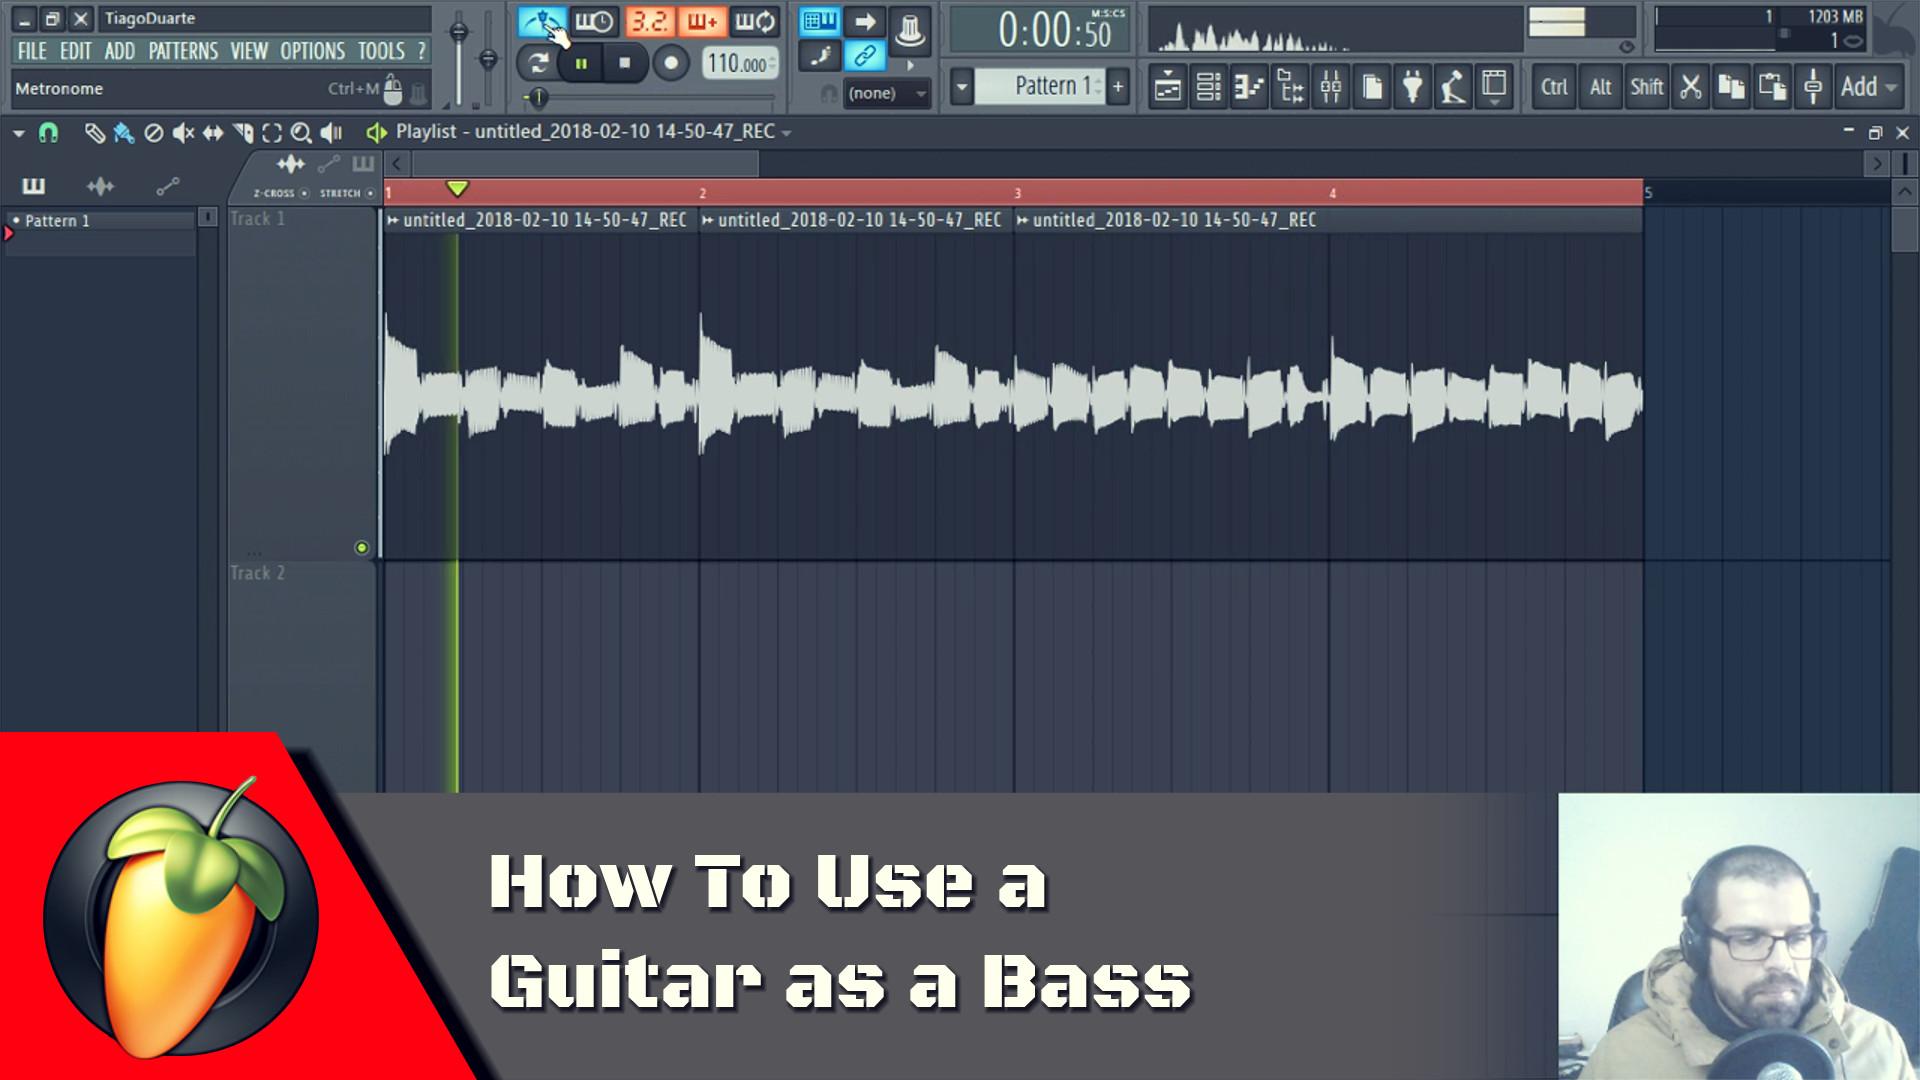 Guitar As a Bass